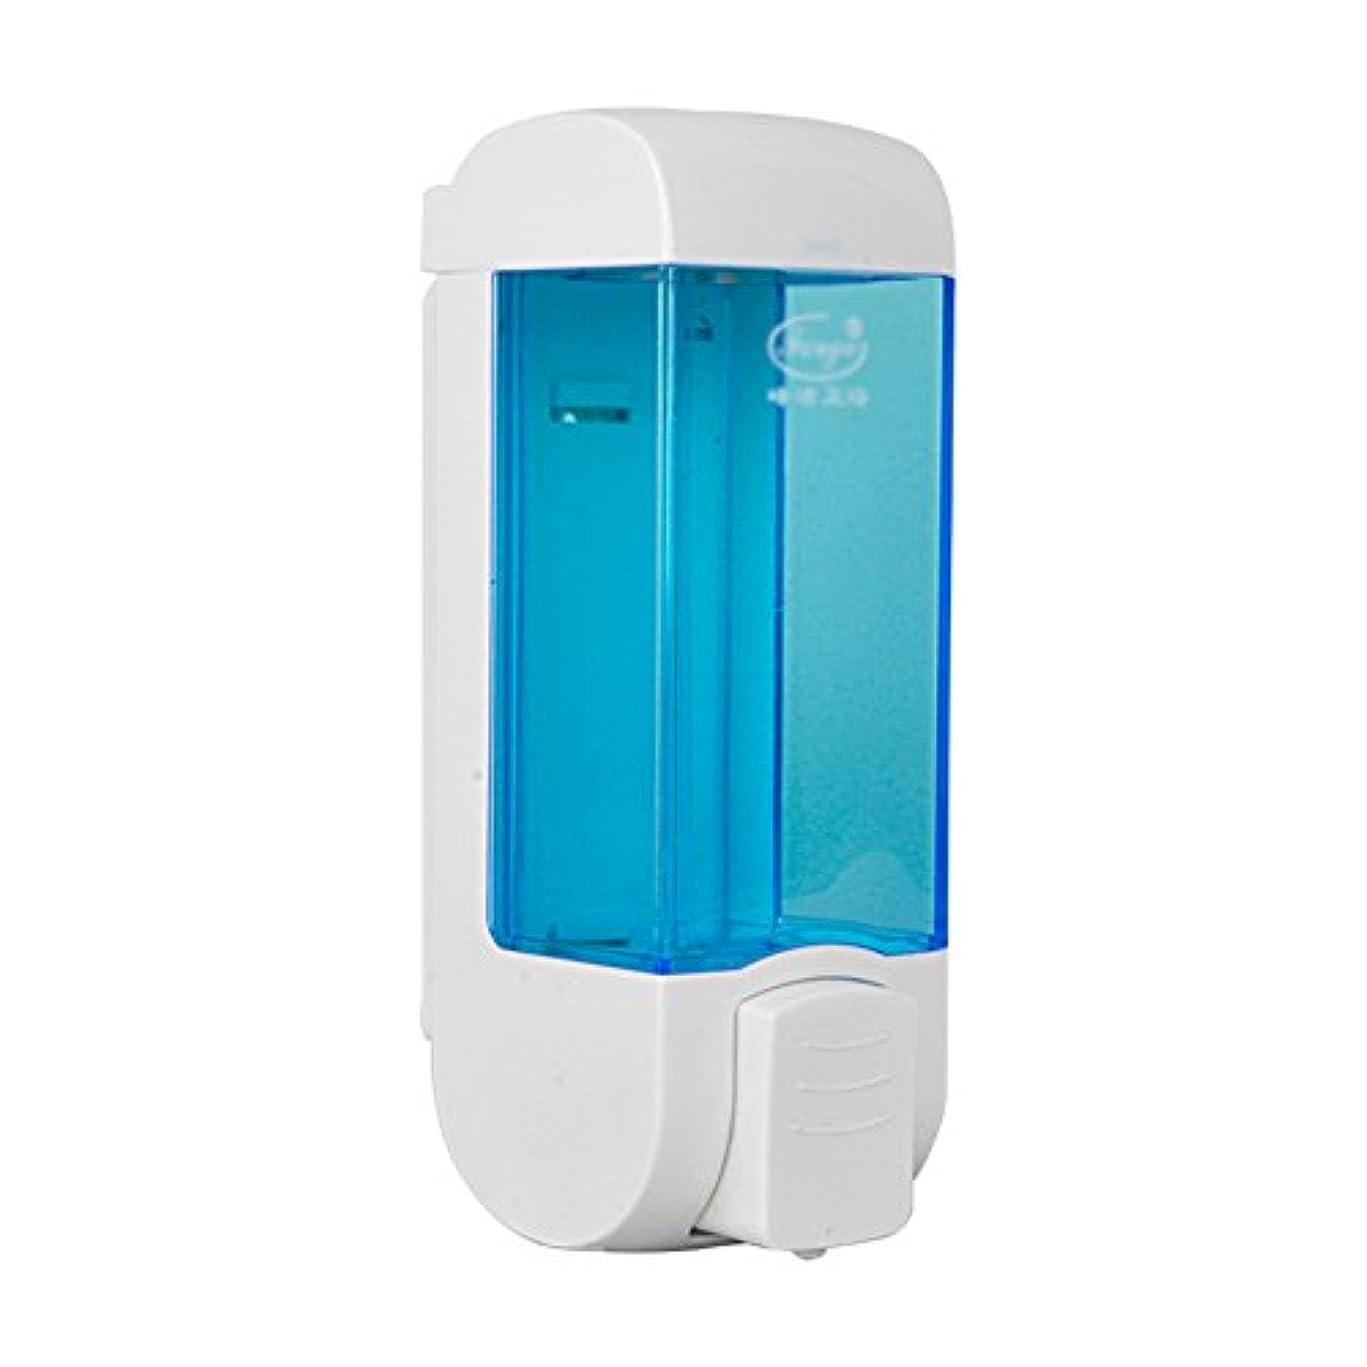 天気最も遠い全員ZEMIN ソープディスペンサー 壁掛け式 石鹸ディスペンサー 帰納的 マニュアル ポンプ 2頭 シャンプー 液体 石鹸 クリーン、 プラスチック、 青、 300ML (色 : 1)